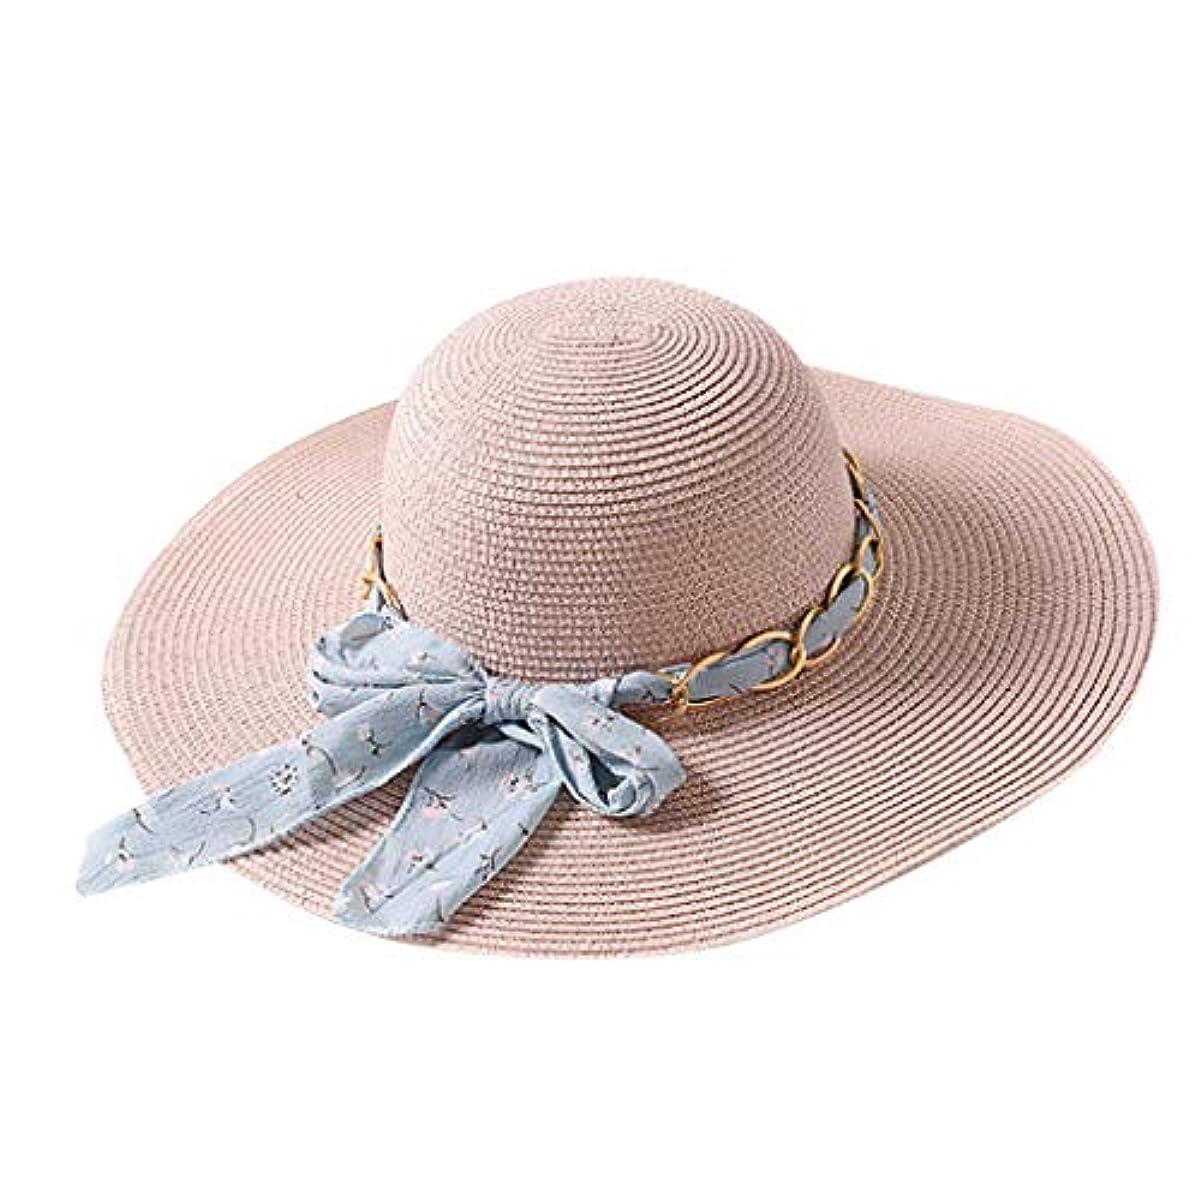 ぜいたくキリマンジャロ偽善者ファッション小物 夏 帽子 レディース UVカット 帽子 ハット レディース 紫外線対策 日焼け防止 取り外すあご紐 つば広 おしゃれ 可愛い 夏季 折りたたみ サイズ調節可 旅行 女優帽 小顔効果抜群 ROSE ROMAN